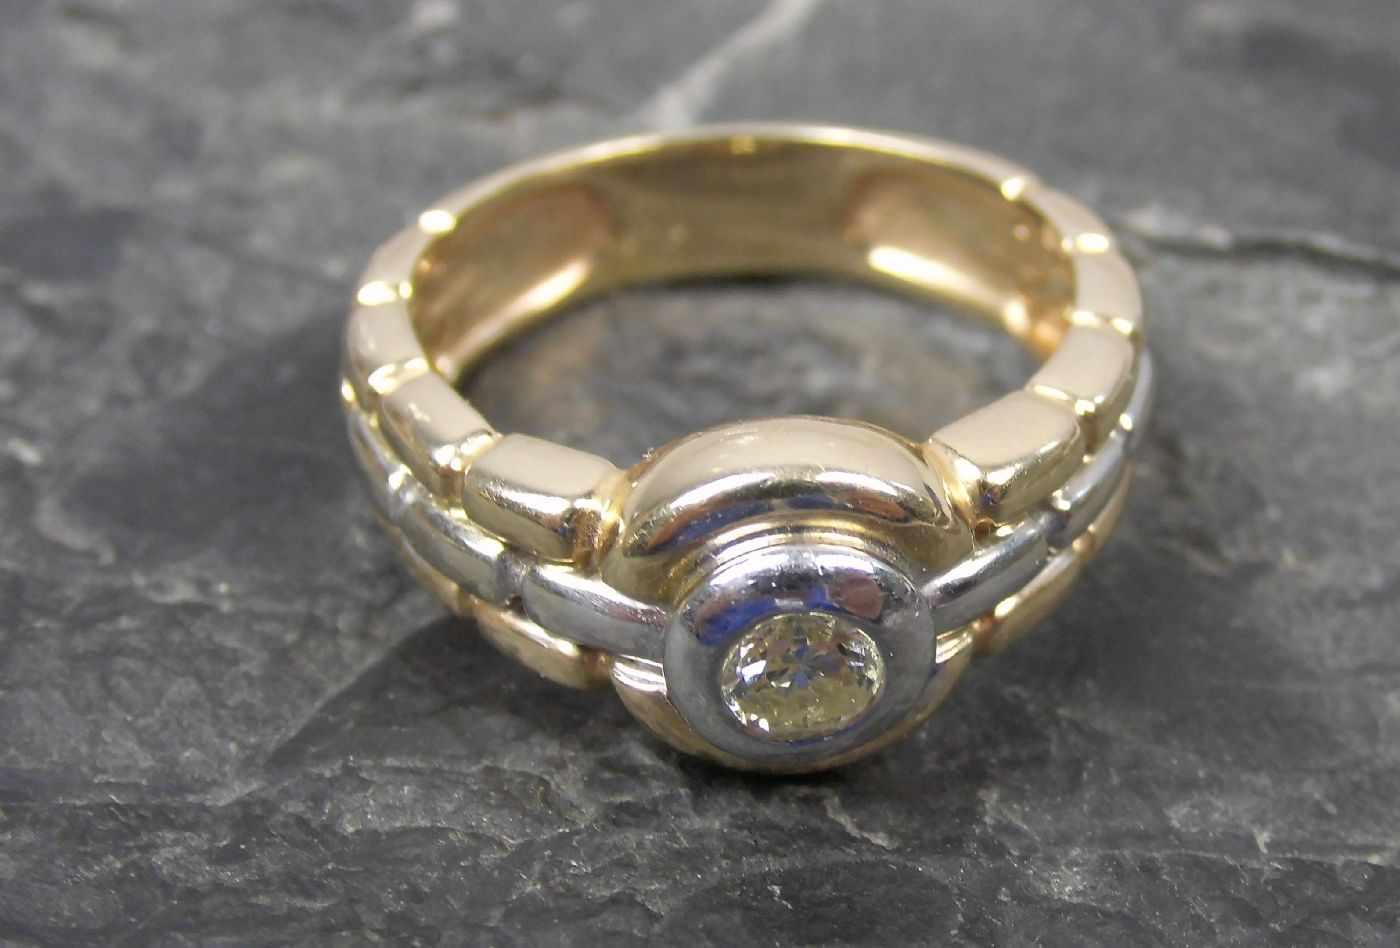 Lot 31 - KLASSISCHER RING, bicolor 585er Gold (6,9g) besetzt mit Brillanten von 0,15ct, Ring-Gr. 57Dieses Los